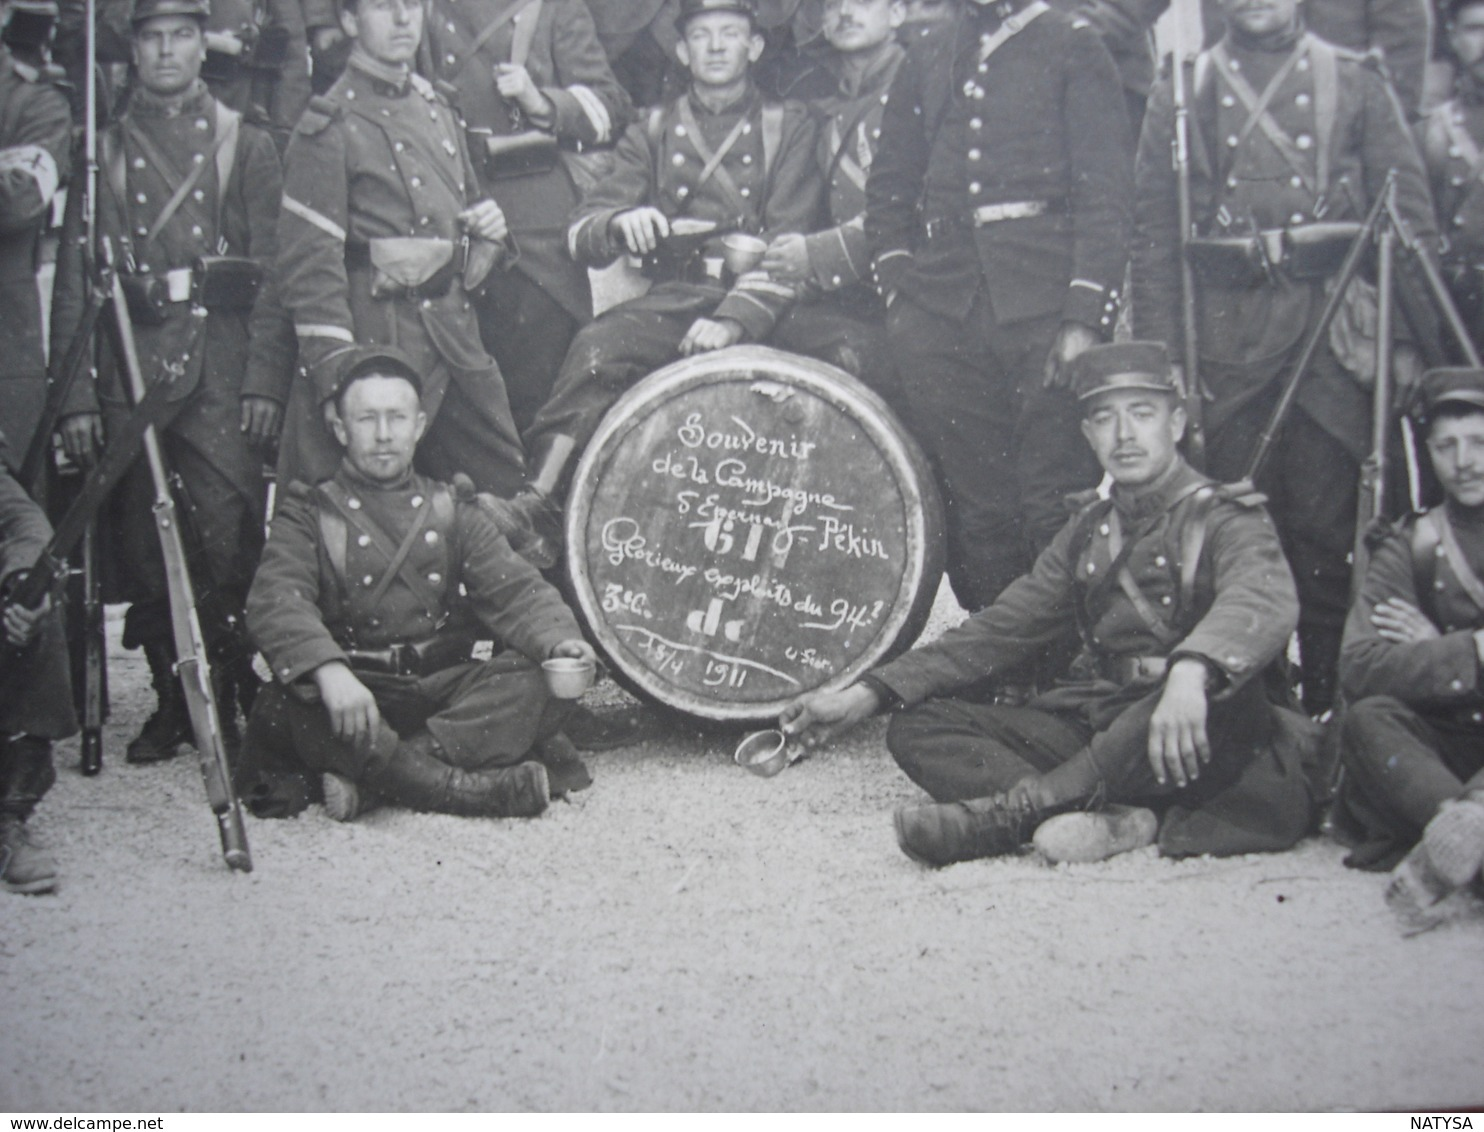 51 EPERNAY Repression De La Grève Des Vignerons De Champagne En 1911 Le 94 Eme RI Pose Après La Campagne Le15 Avril 1911 - Reggimenti